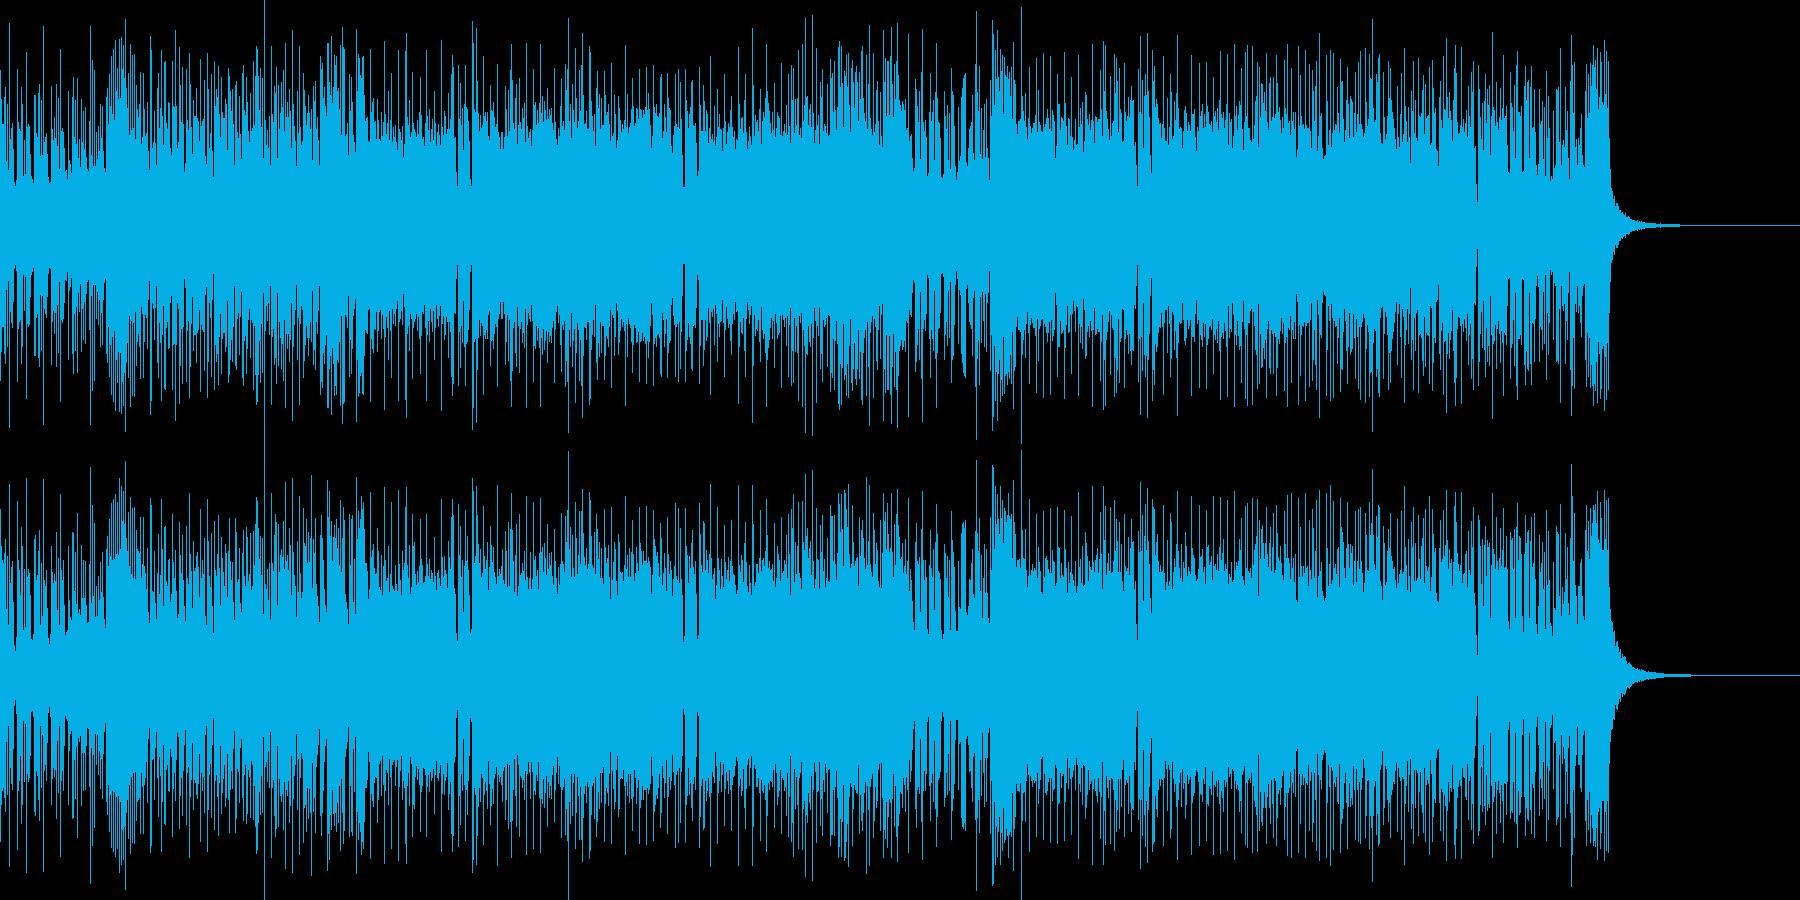 ノリのいいロック調の曲の再生済みの波形